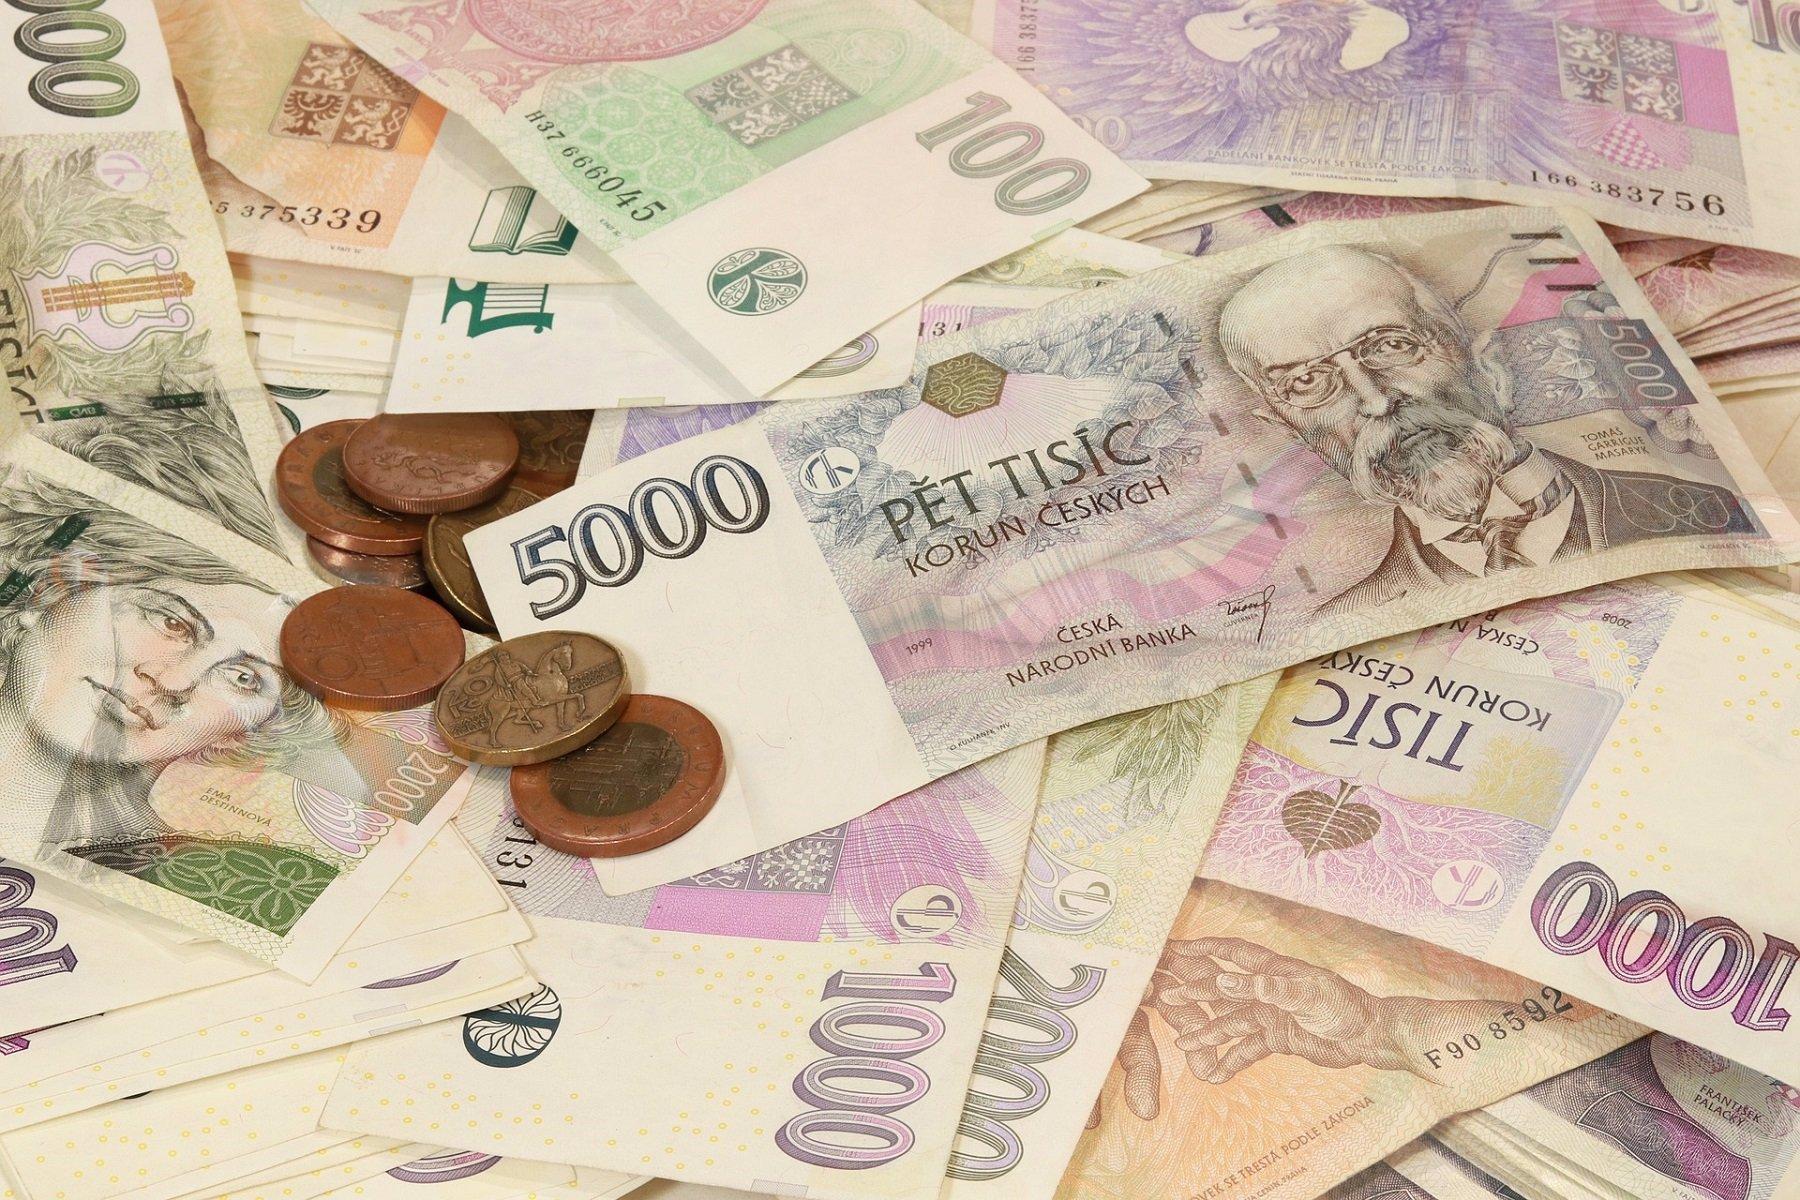 Březen přináší velké změny: Vyšší platy pokladních, ale také dražší elektřina